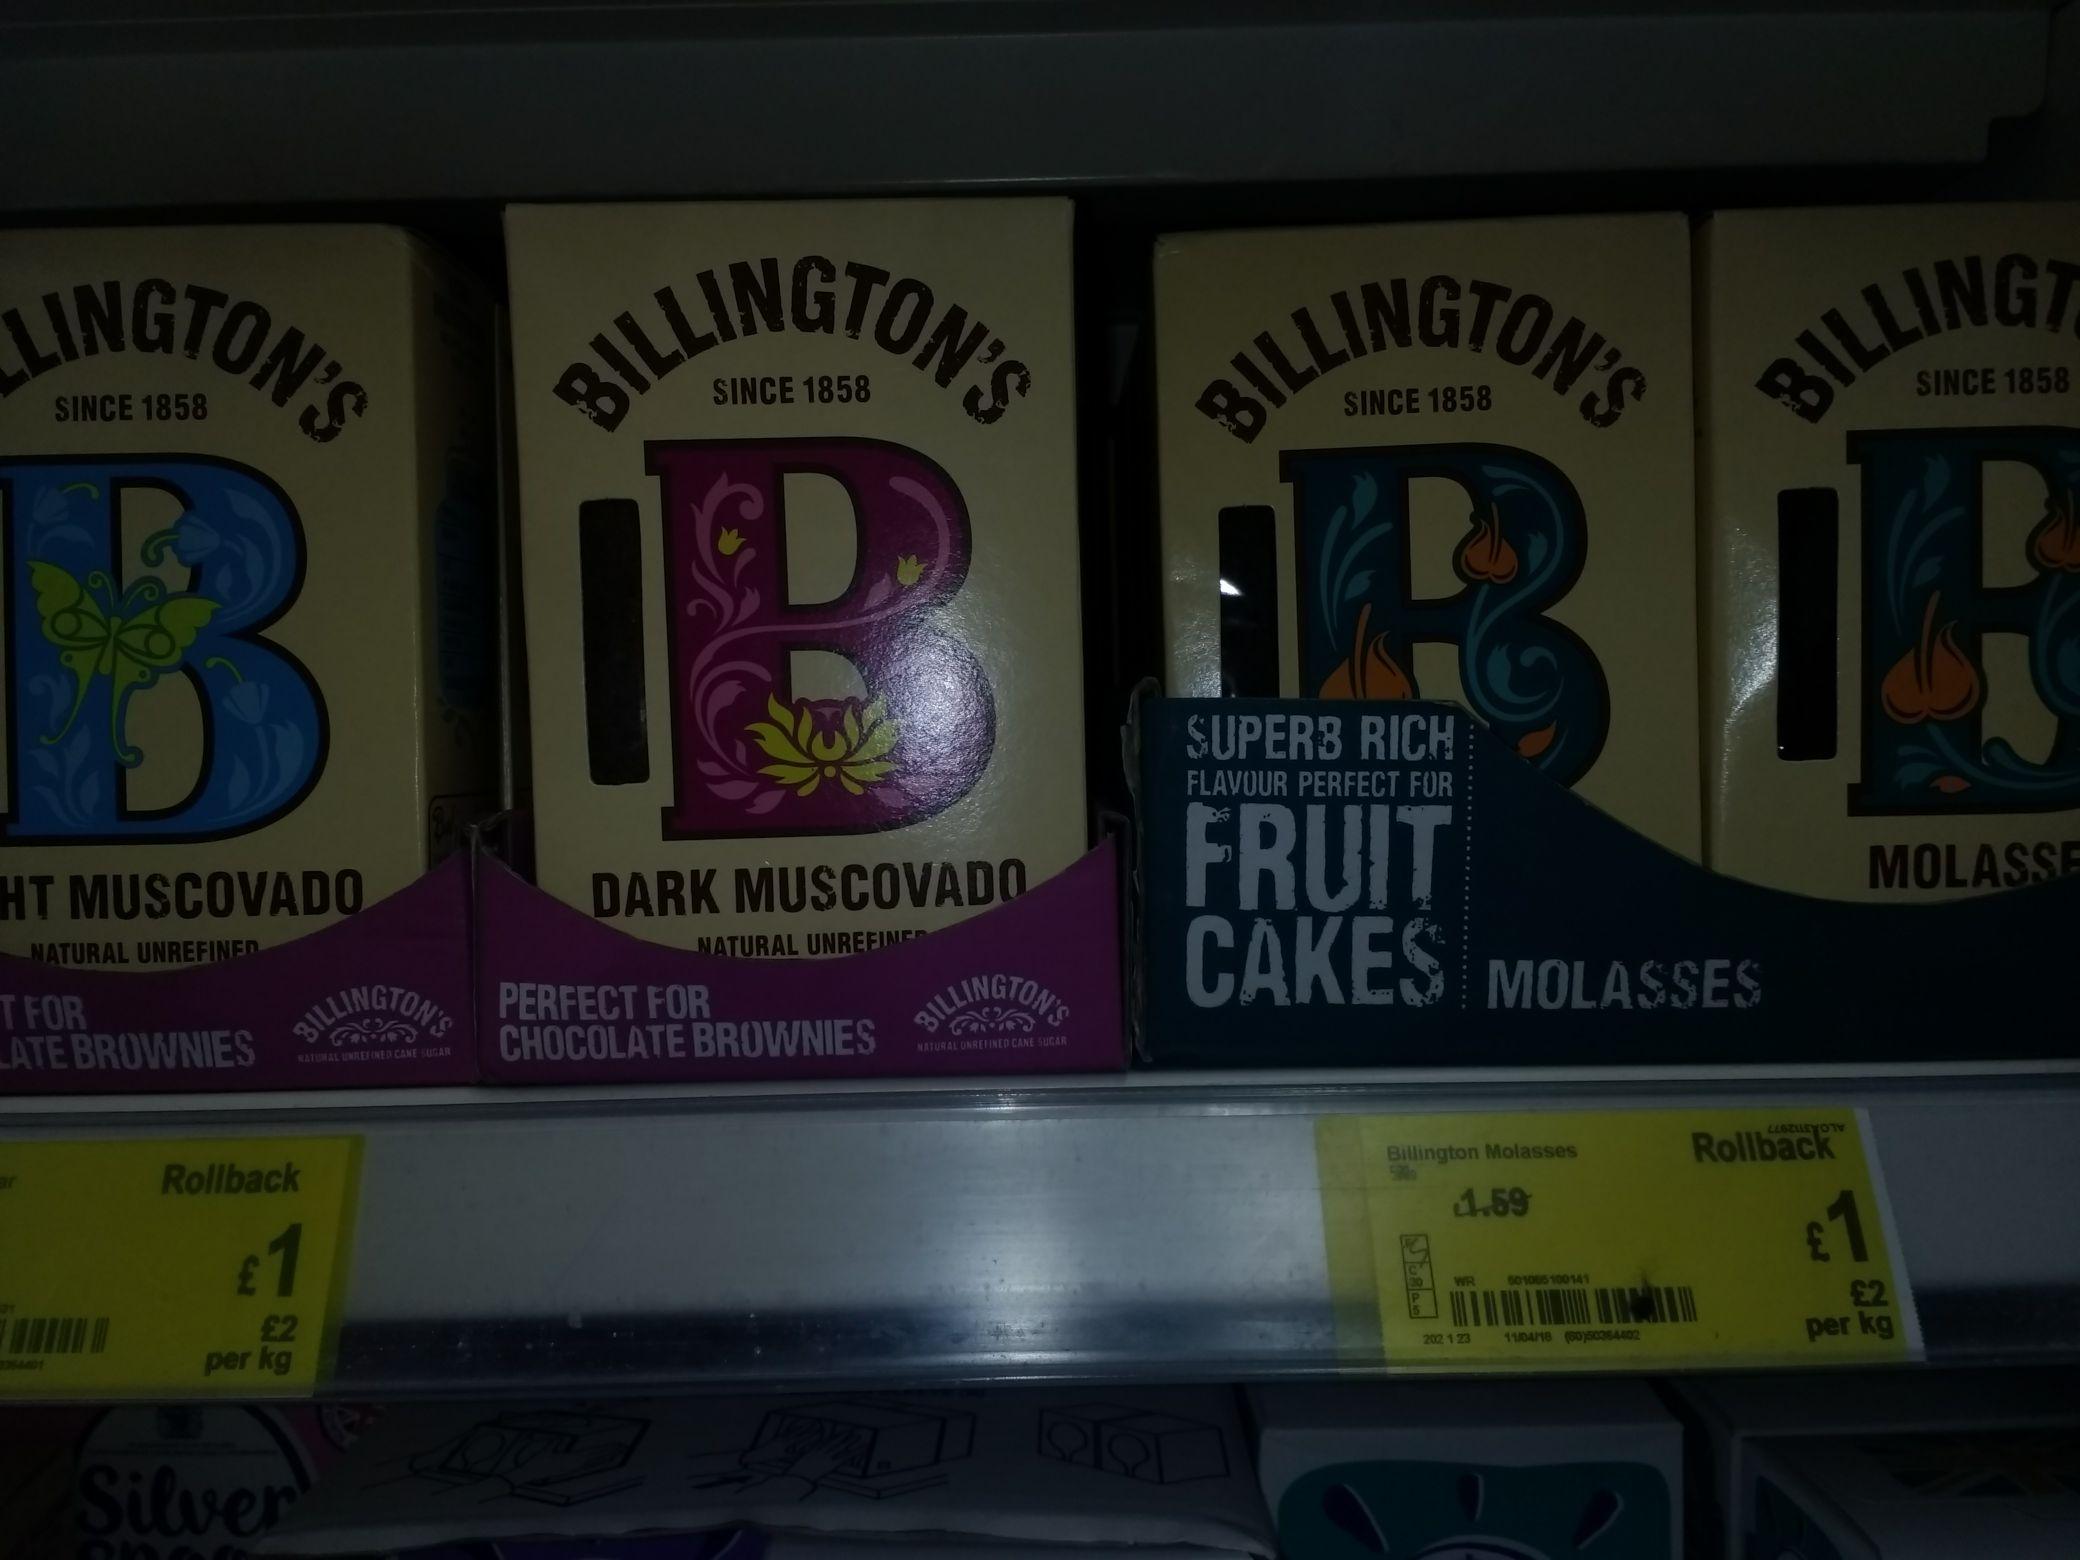 Asda (In Store) Billingtons Sugar(s) Molasses,  Dark&Light Muscovado etc - all £1 each